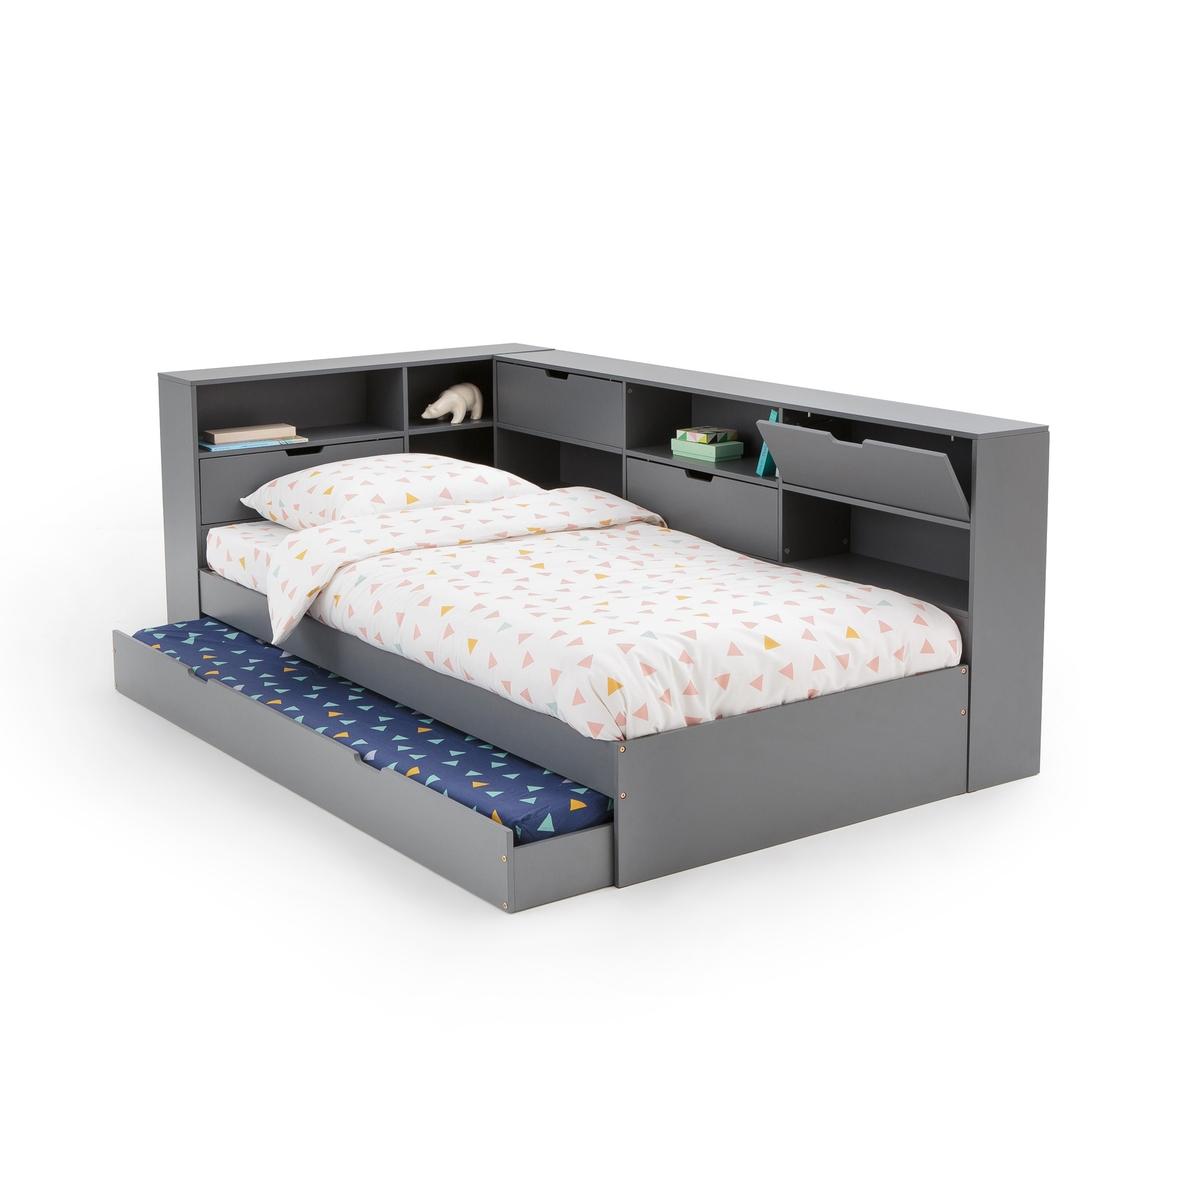 Кровать LaRedoute С ящиком отделениями для вещей и кроватным основанием Yann 90 x 190 см серый